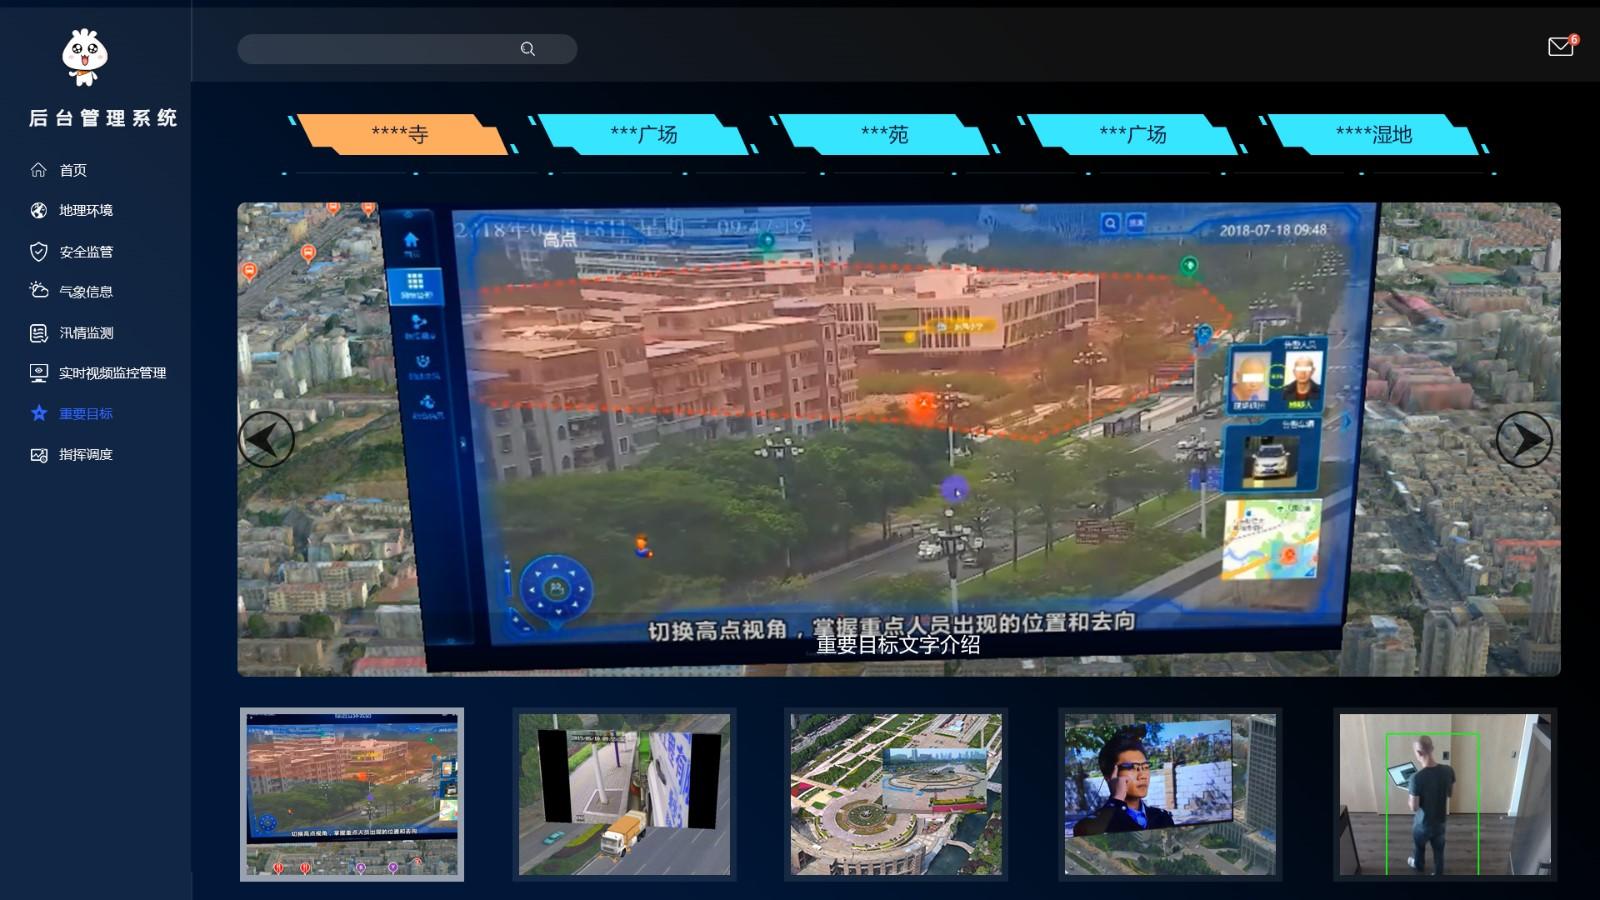 应急管理局智慧化平台整体解决方案---智慧城市管控平台